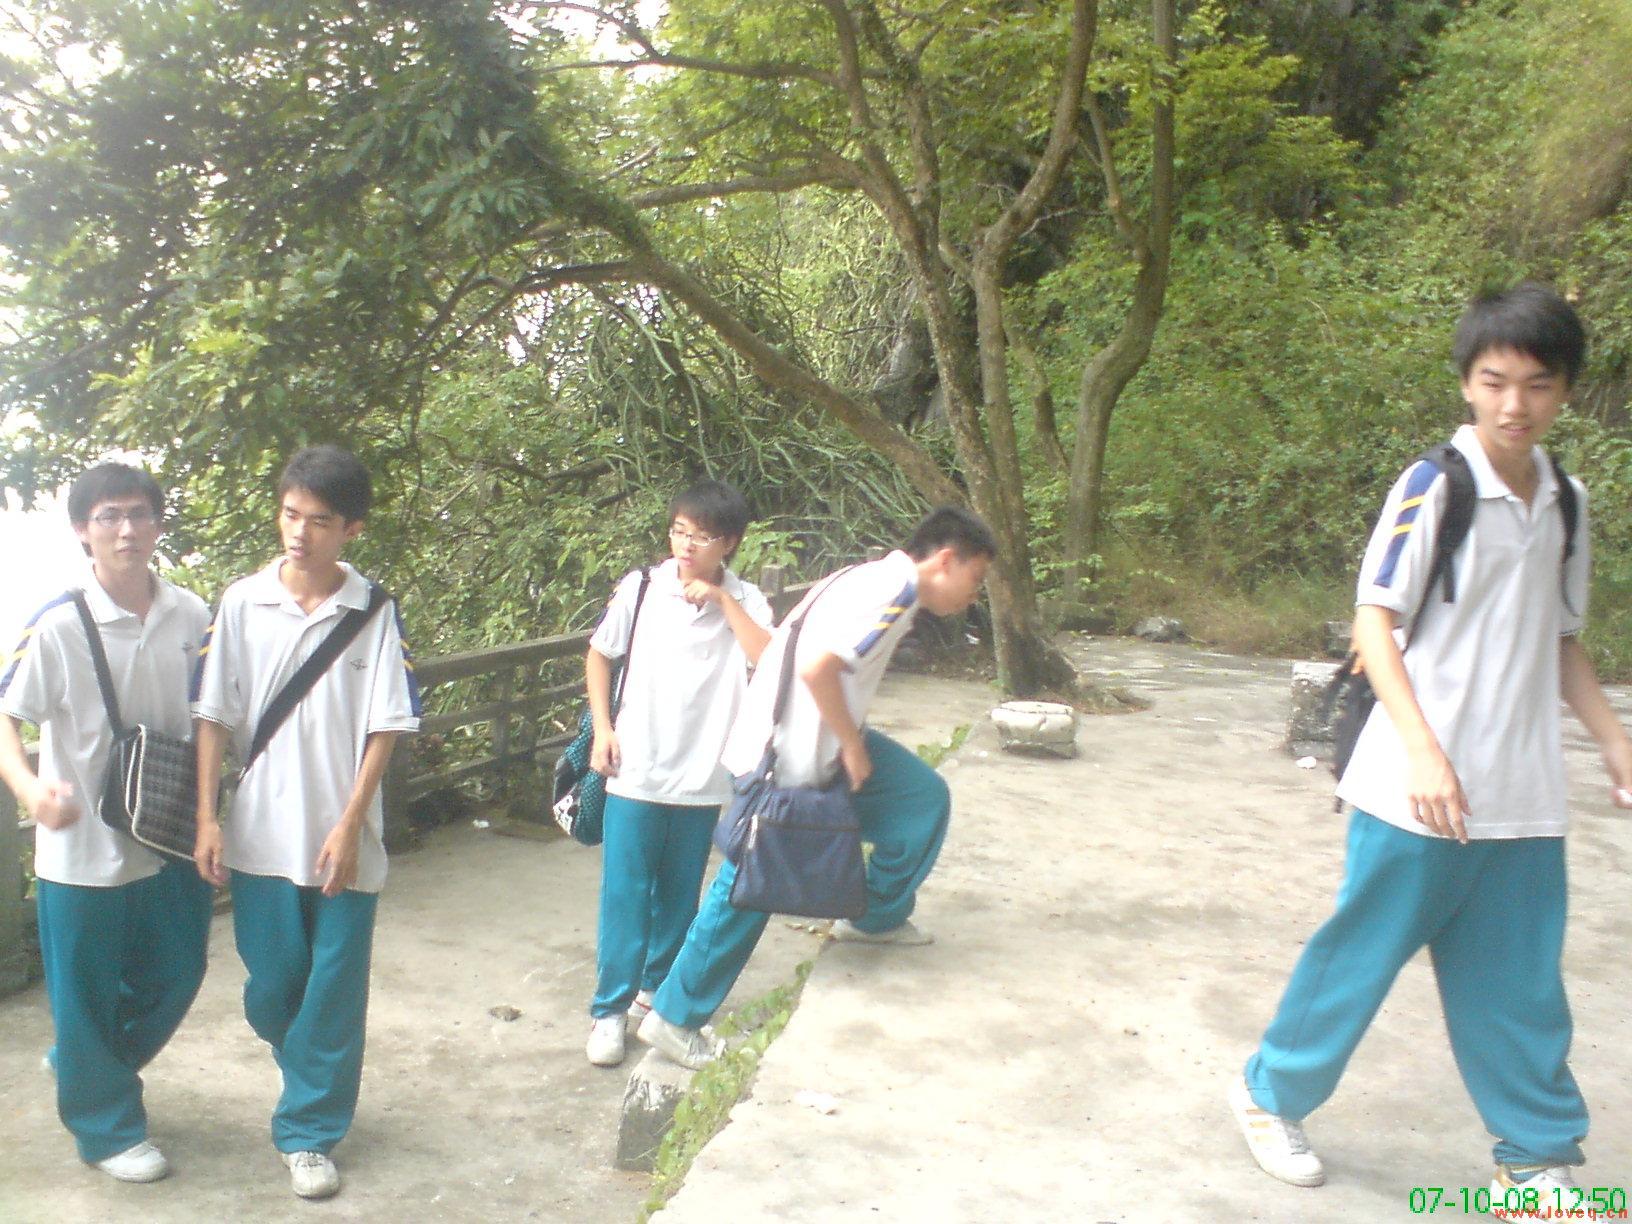 高中噶回忆__loveq排名的广西高中图片